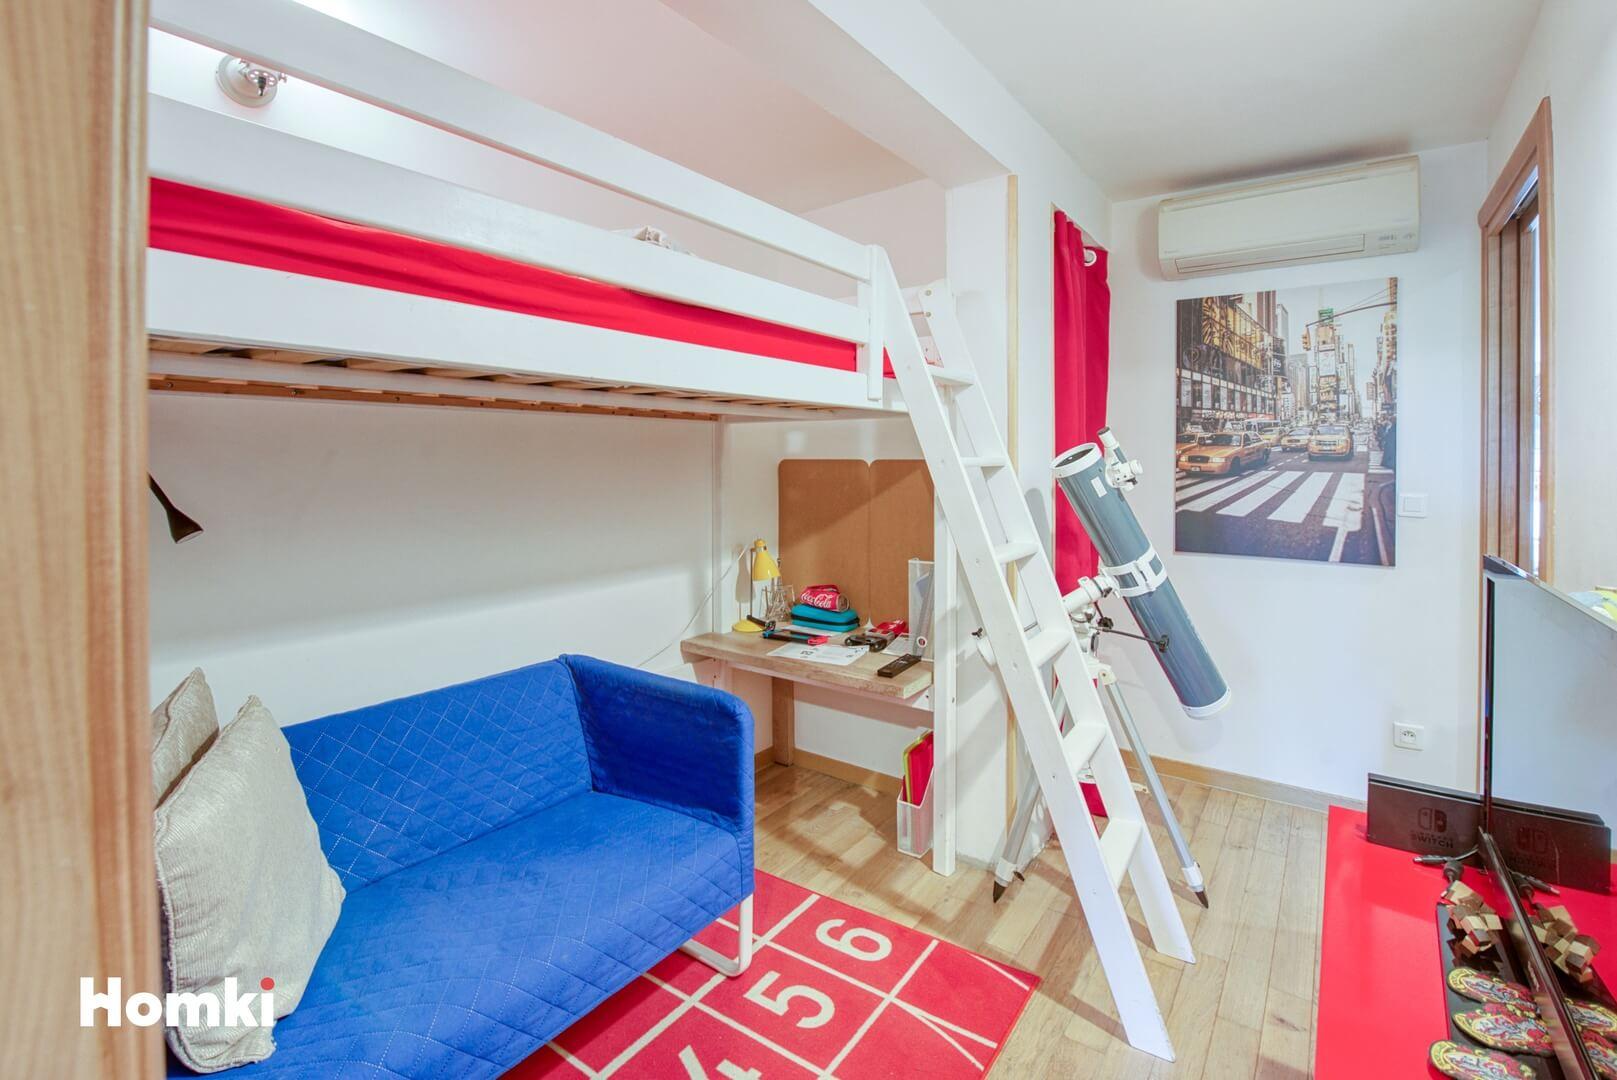 Homki - Vente Appartement  de 70.45 m² à Vallauris 06220